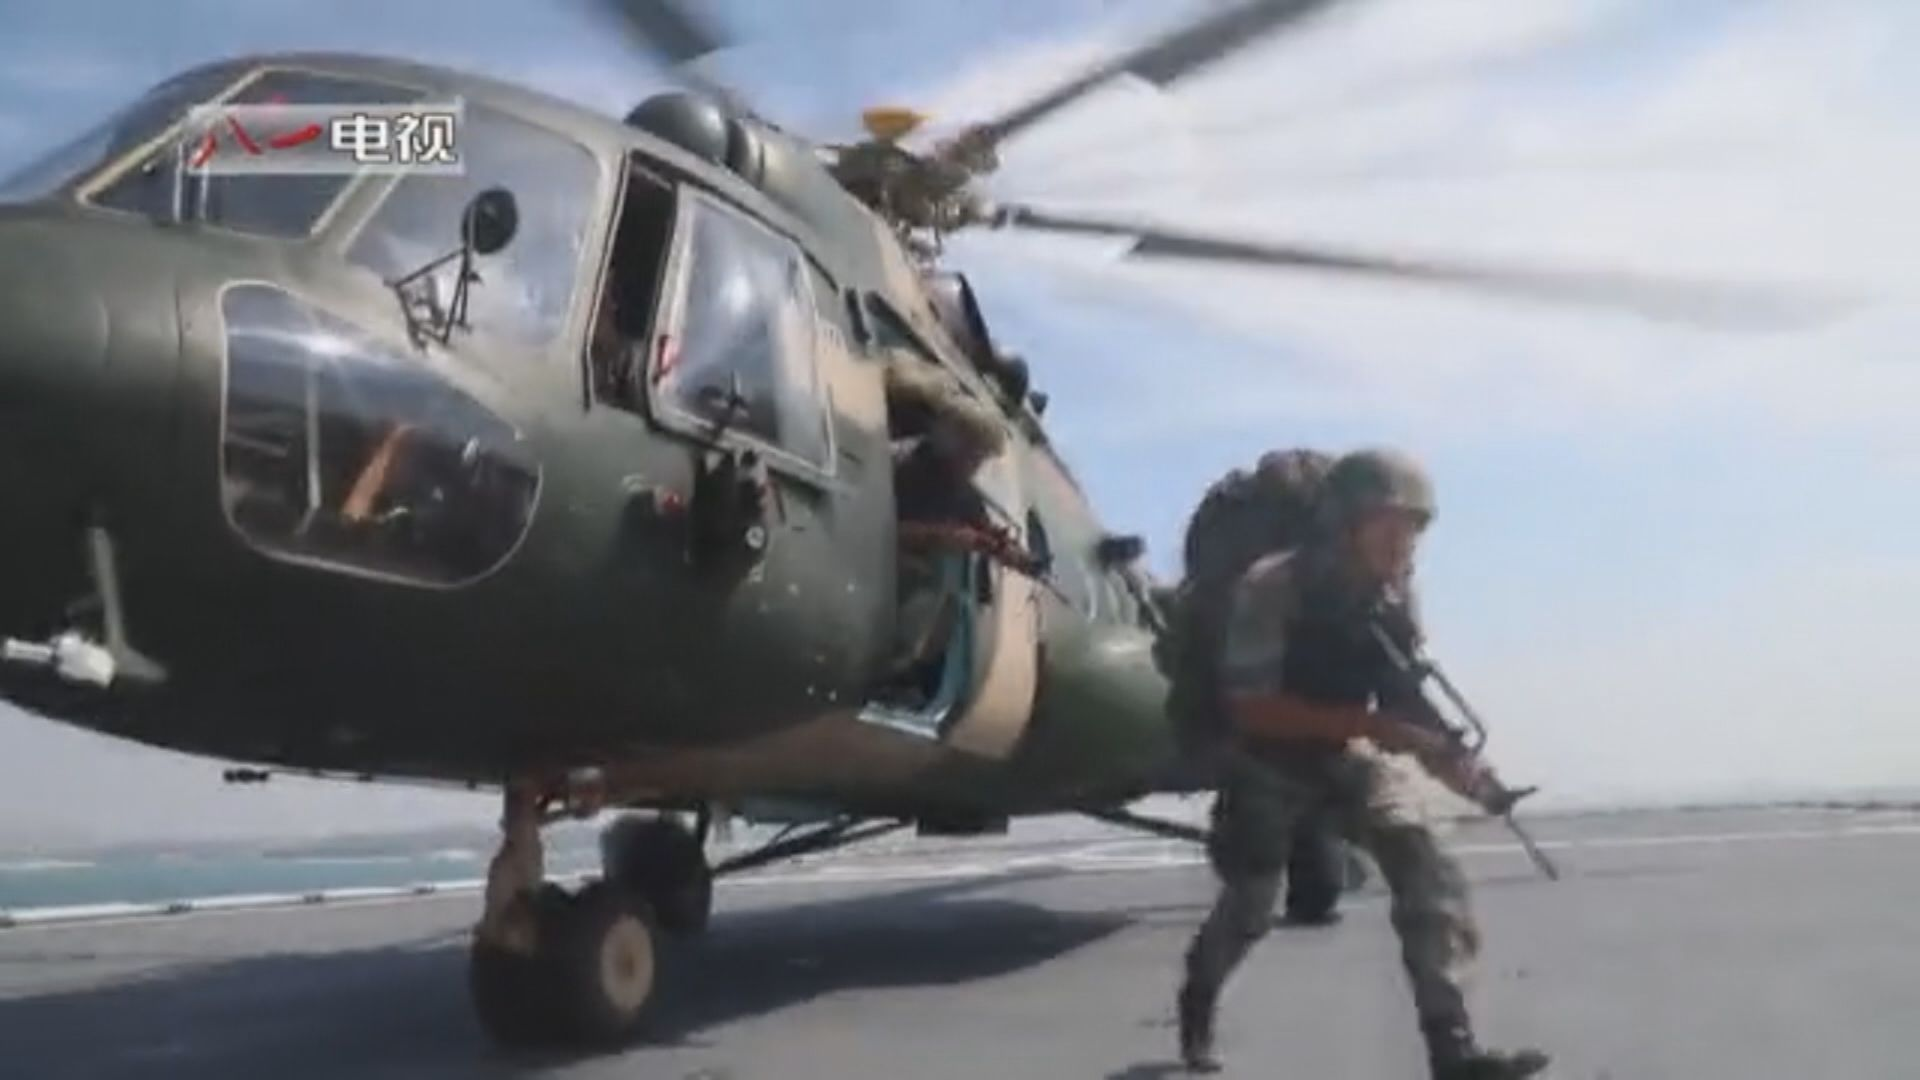 國台辦:台海地區會否擦槍走火取決台獨勢力的挑釁程度